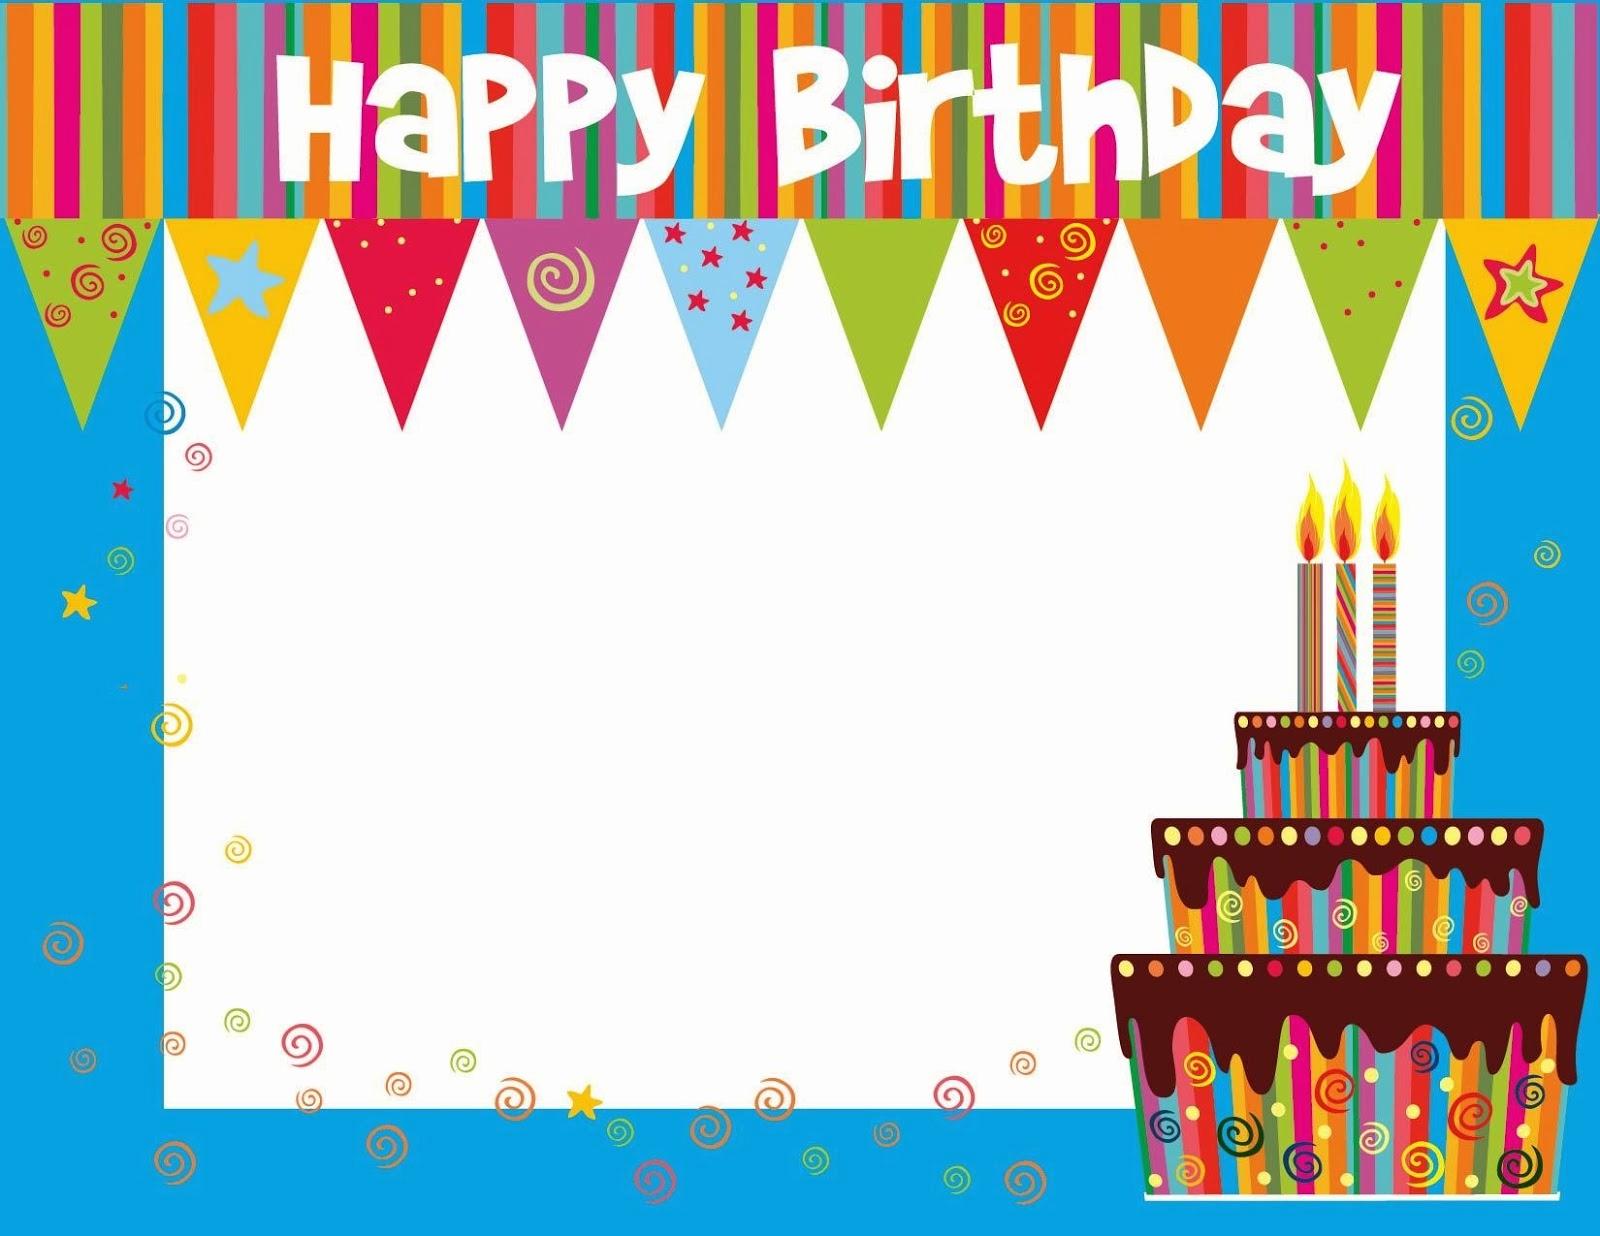 Hallmark Big Birthday Cards Inspirational Inspirational Hallmark - Free Printable Greeting Cards Hallmark